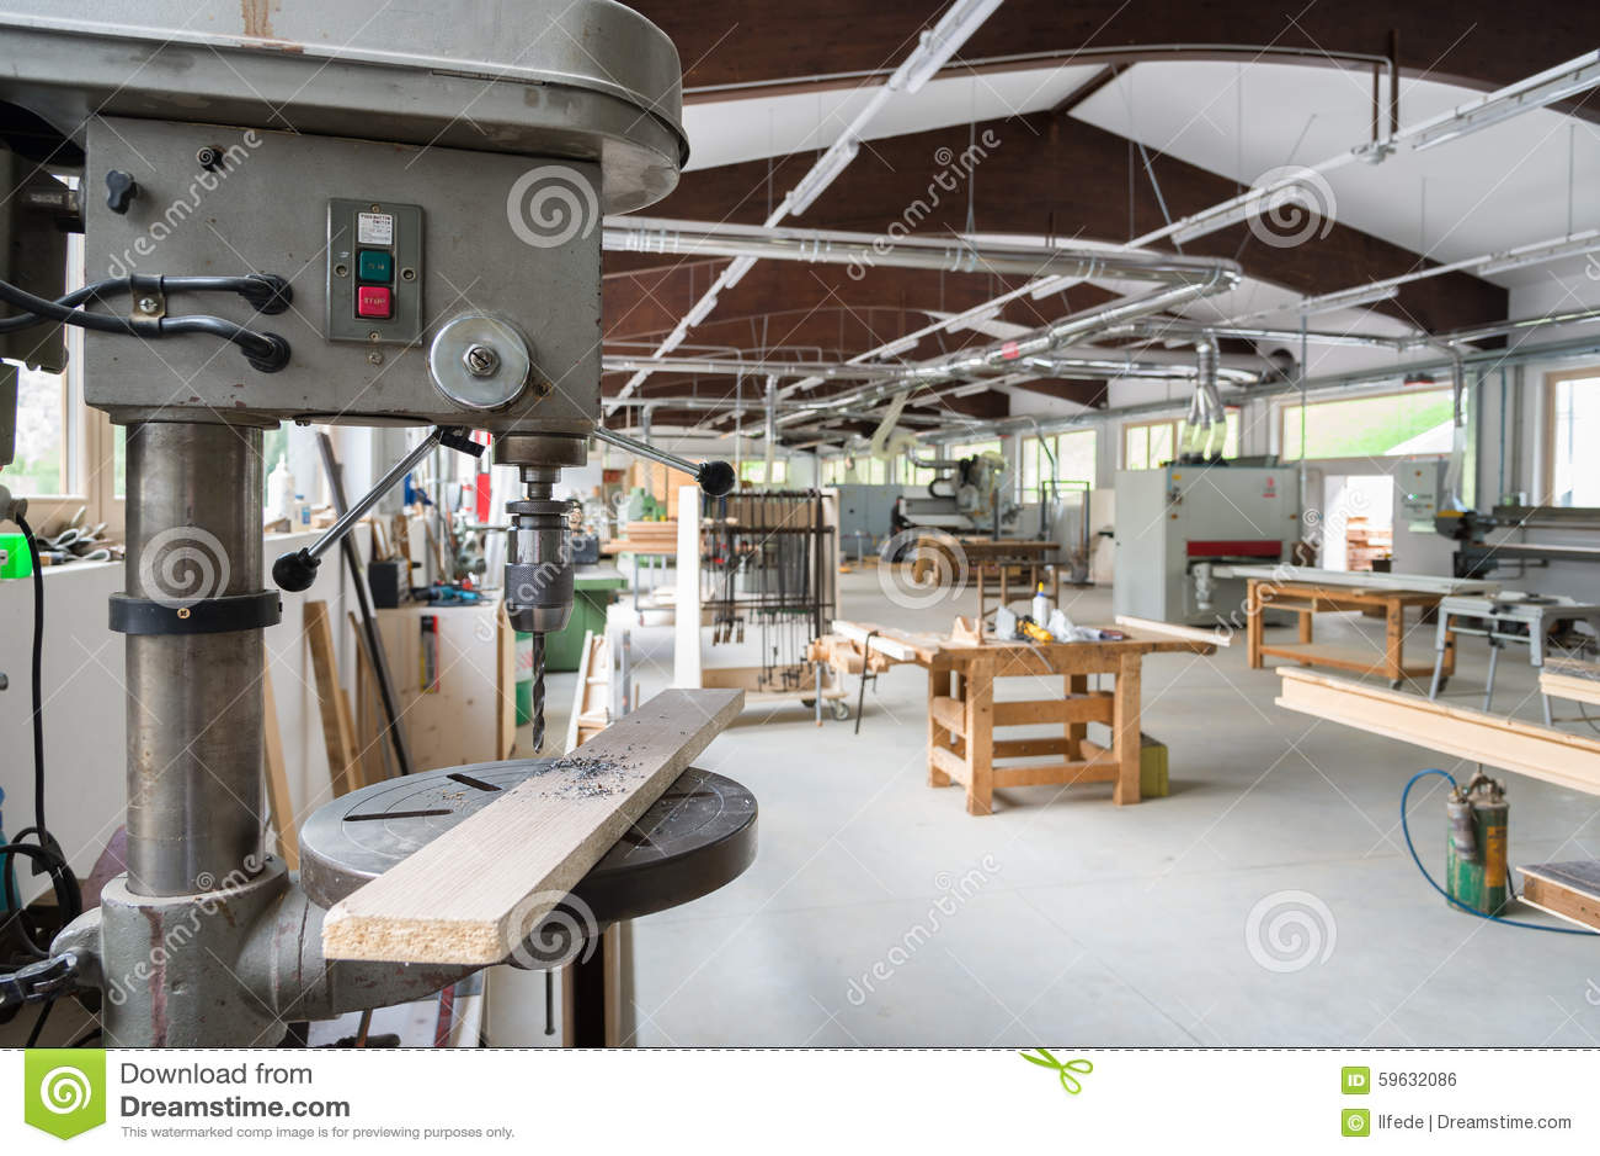 Atelier De Menuiserie Ou De Menuiserie Photo stock Image 59632086 # Atelier De Menuiserie Bois